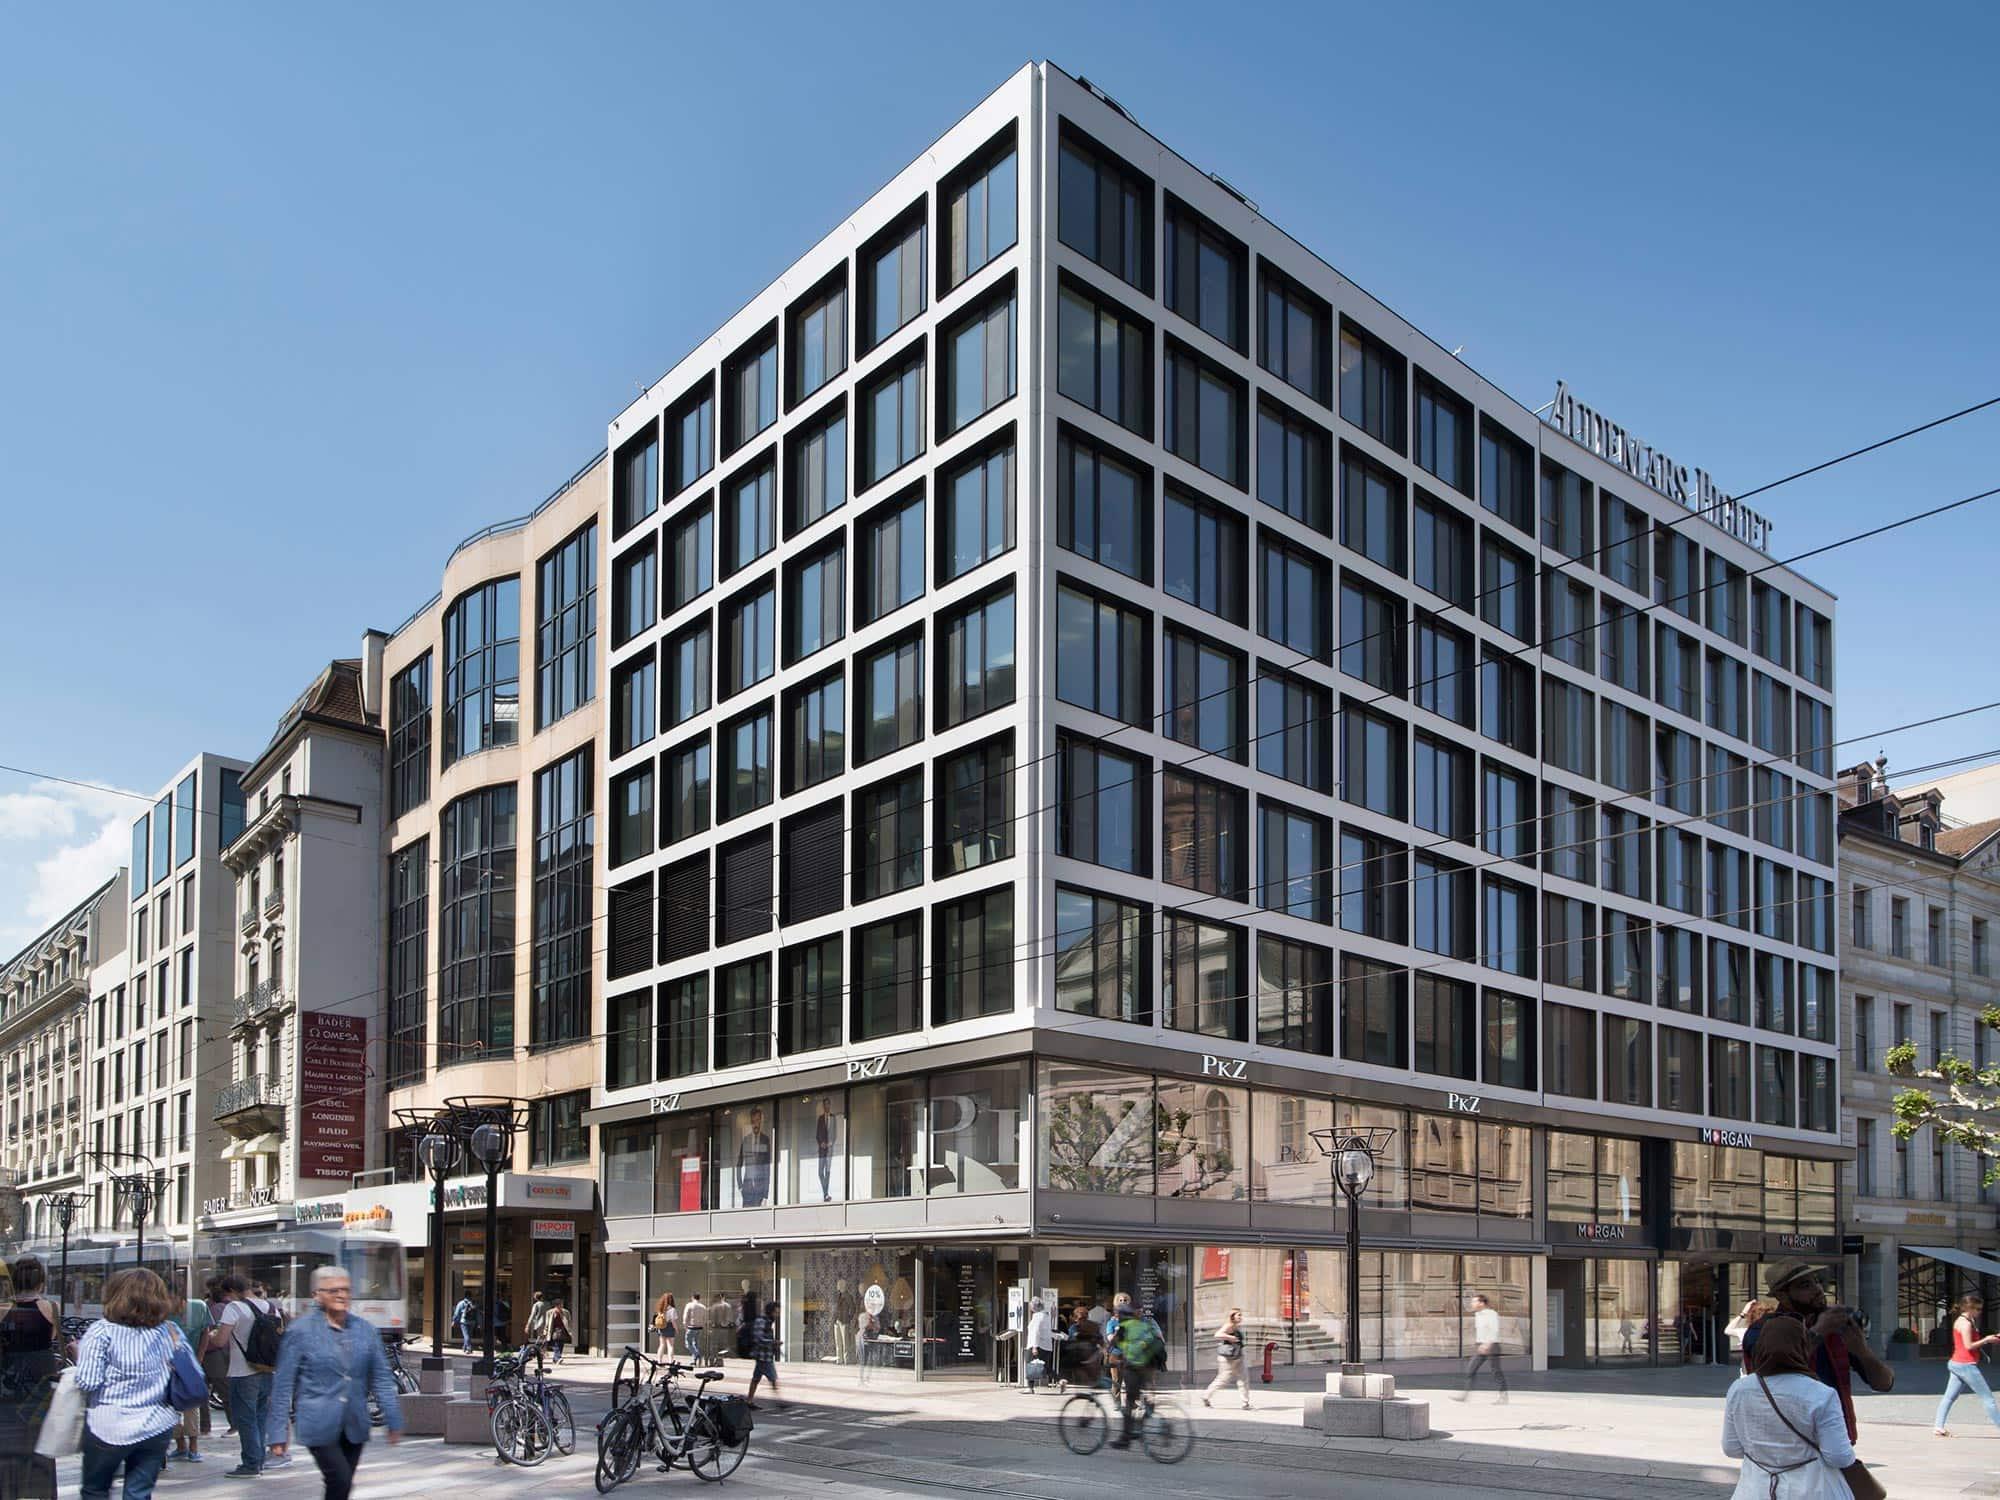 architecture à Genève montrant un angle de bâtiment avec façades adjacentes et stores levés